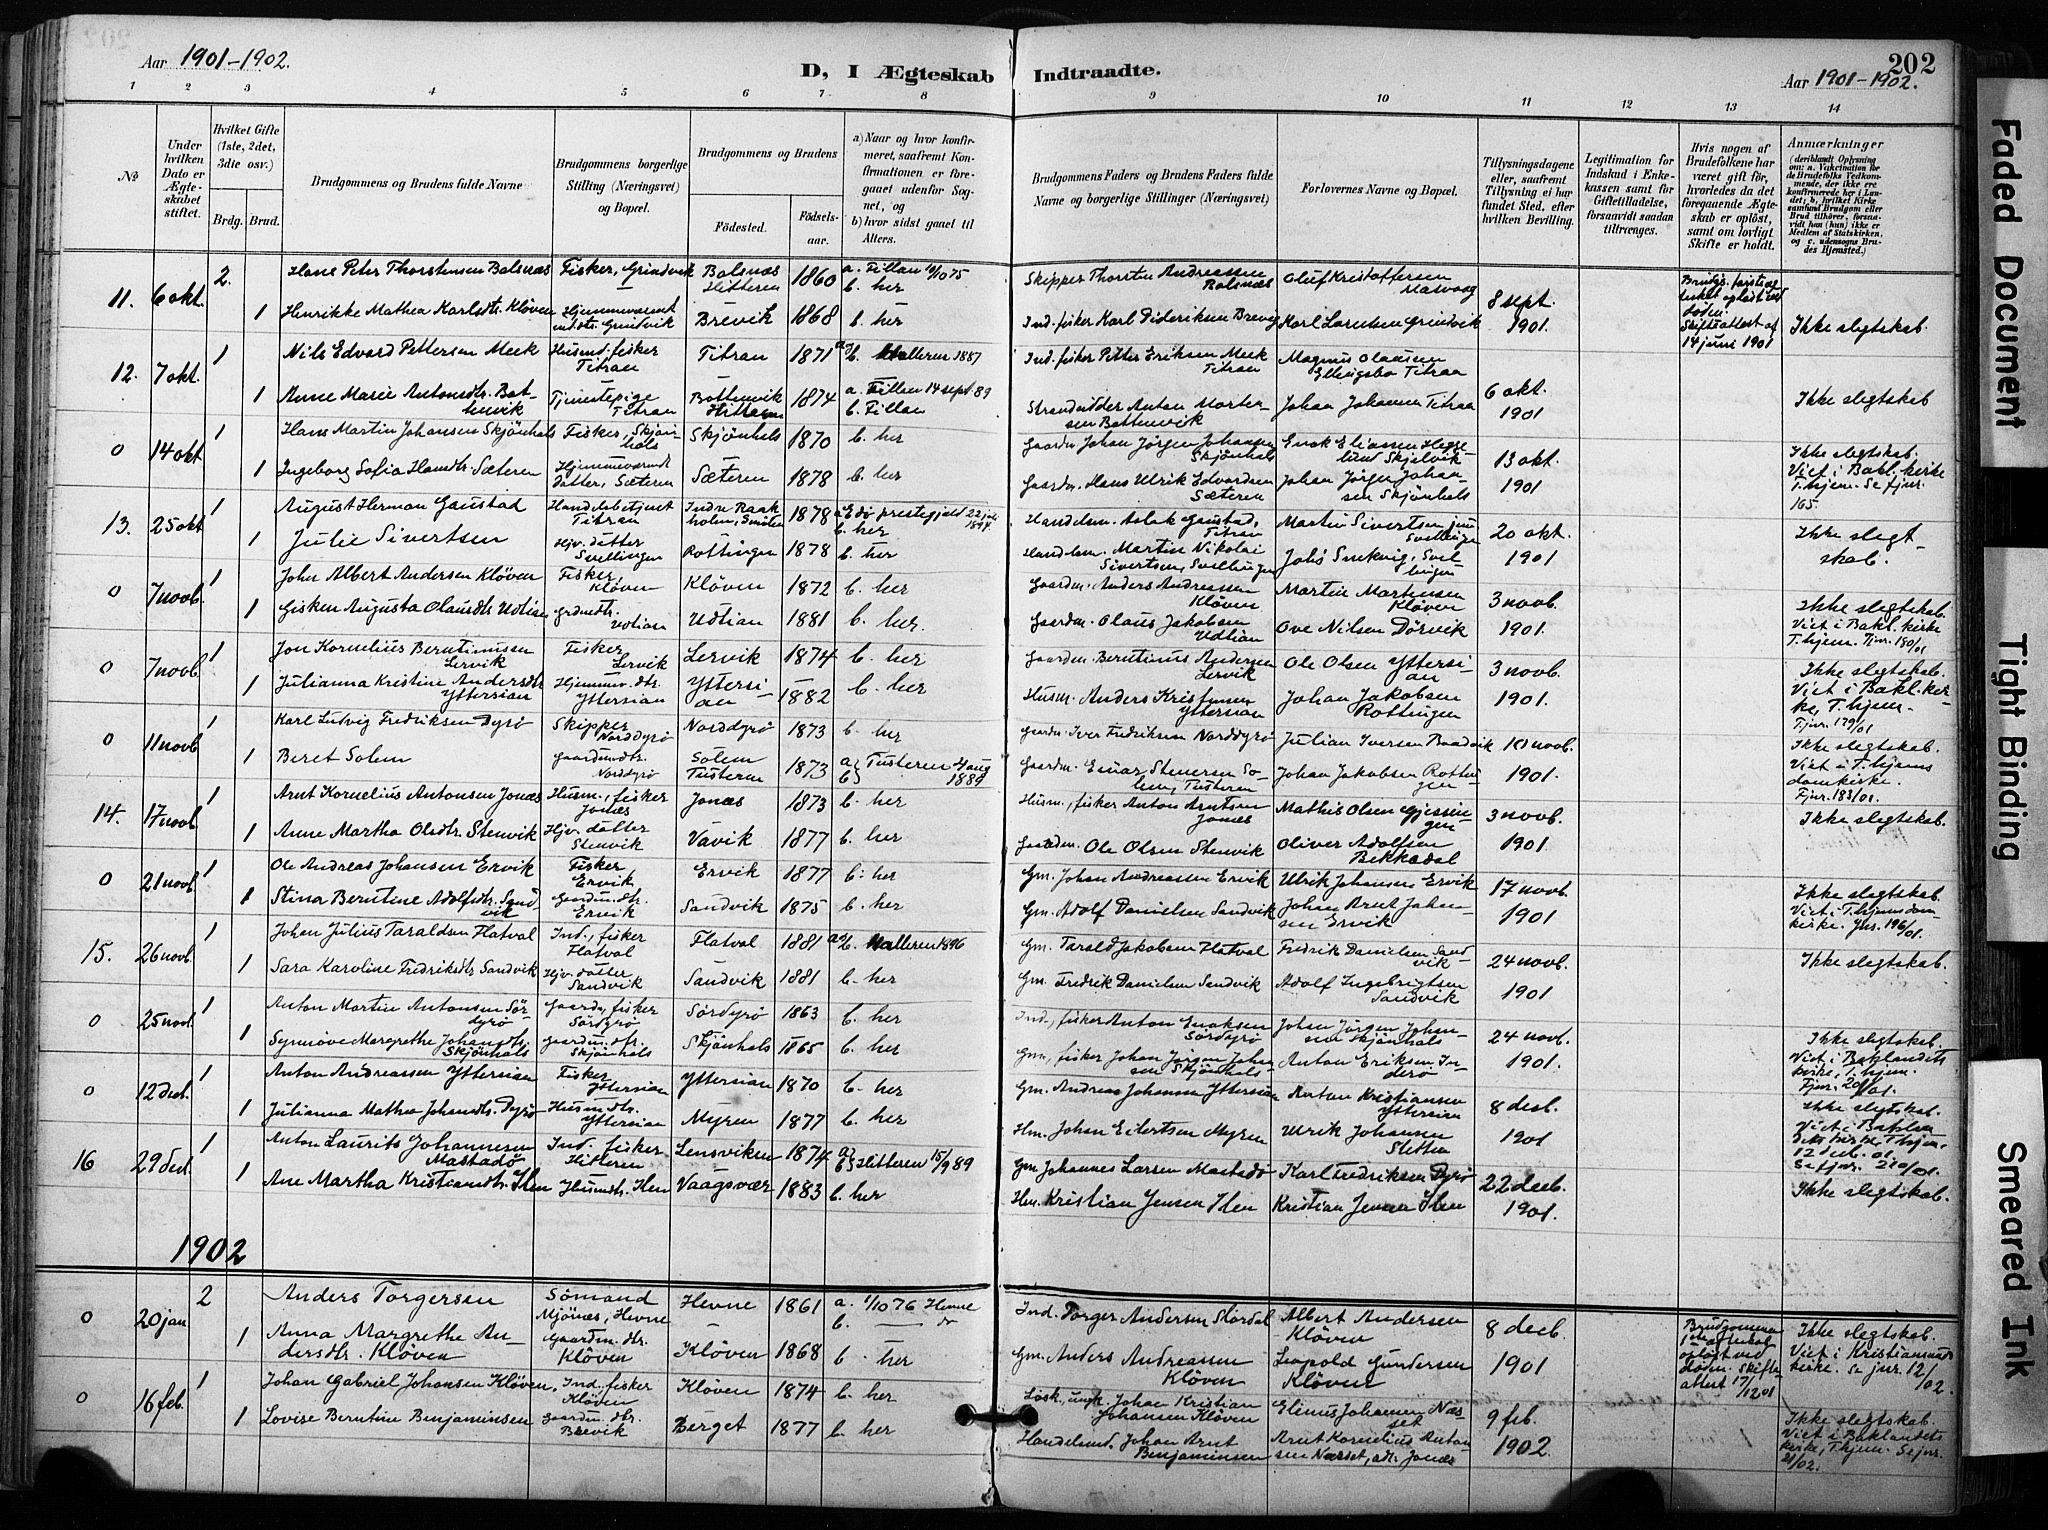 SAT, Ministerialprotokoller, klokkerbøker og fødselsregistre - Sør-Trøndelag, 640/L0579: Ministerialbok nr. 640A04, 1889-1902, s. 202